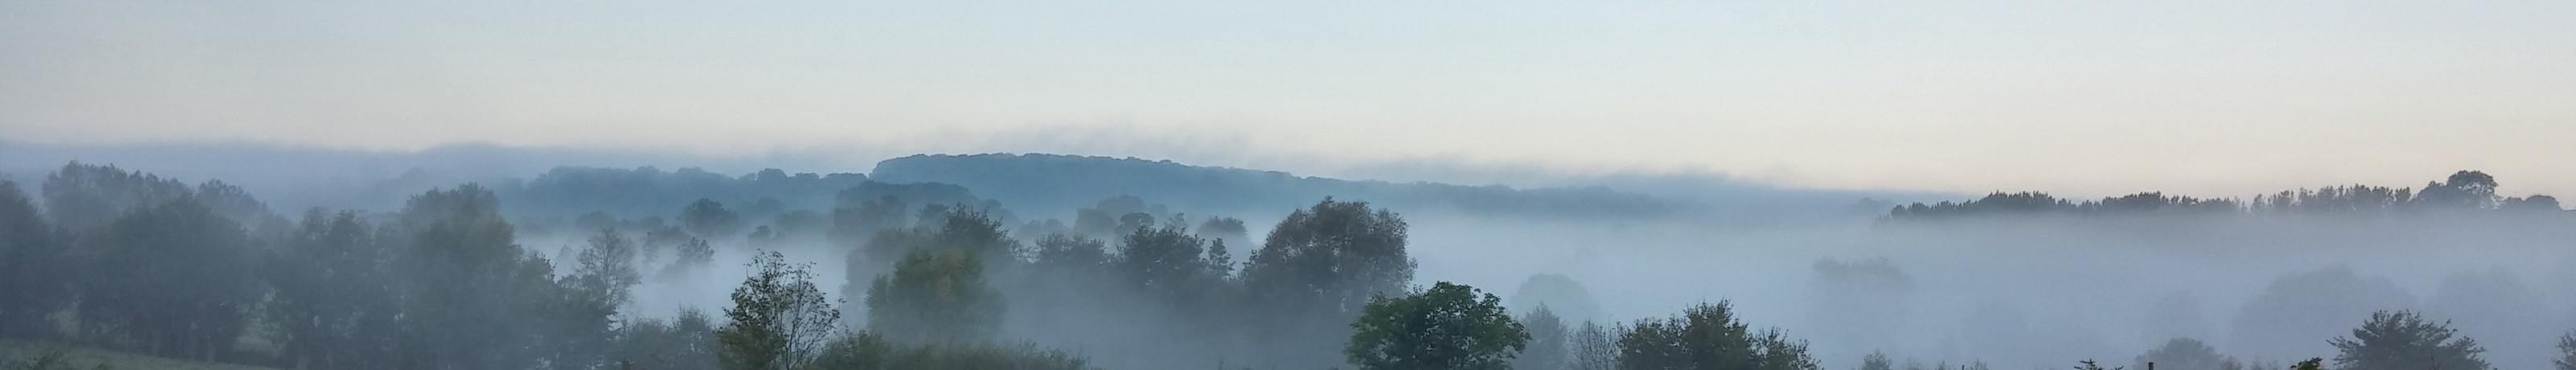 Pays de Bray sous la brume matinale